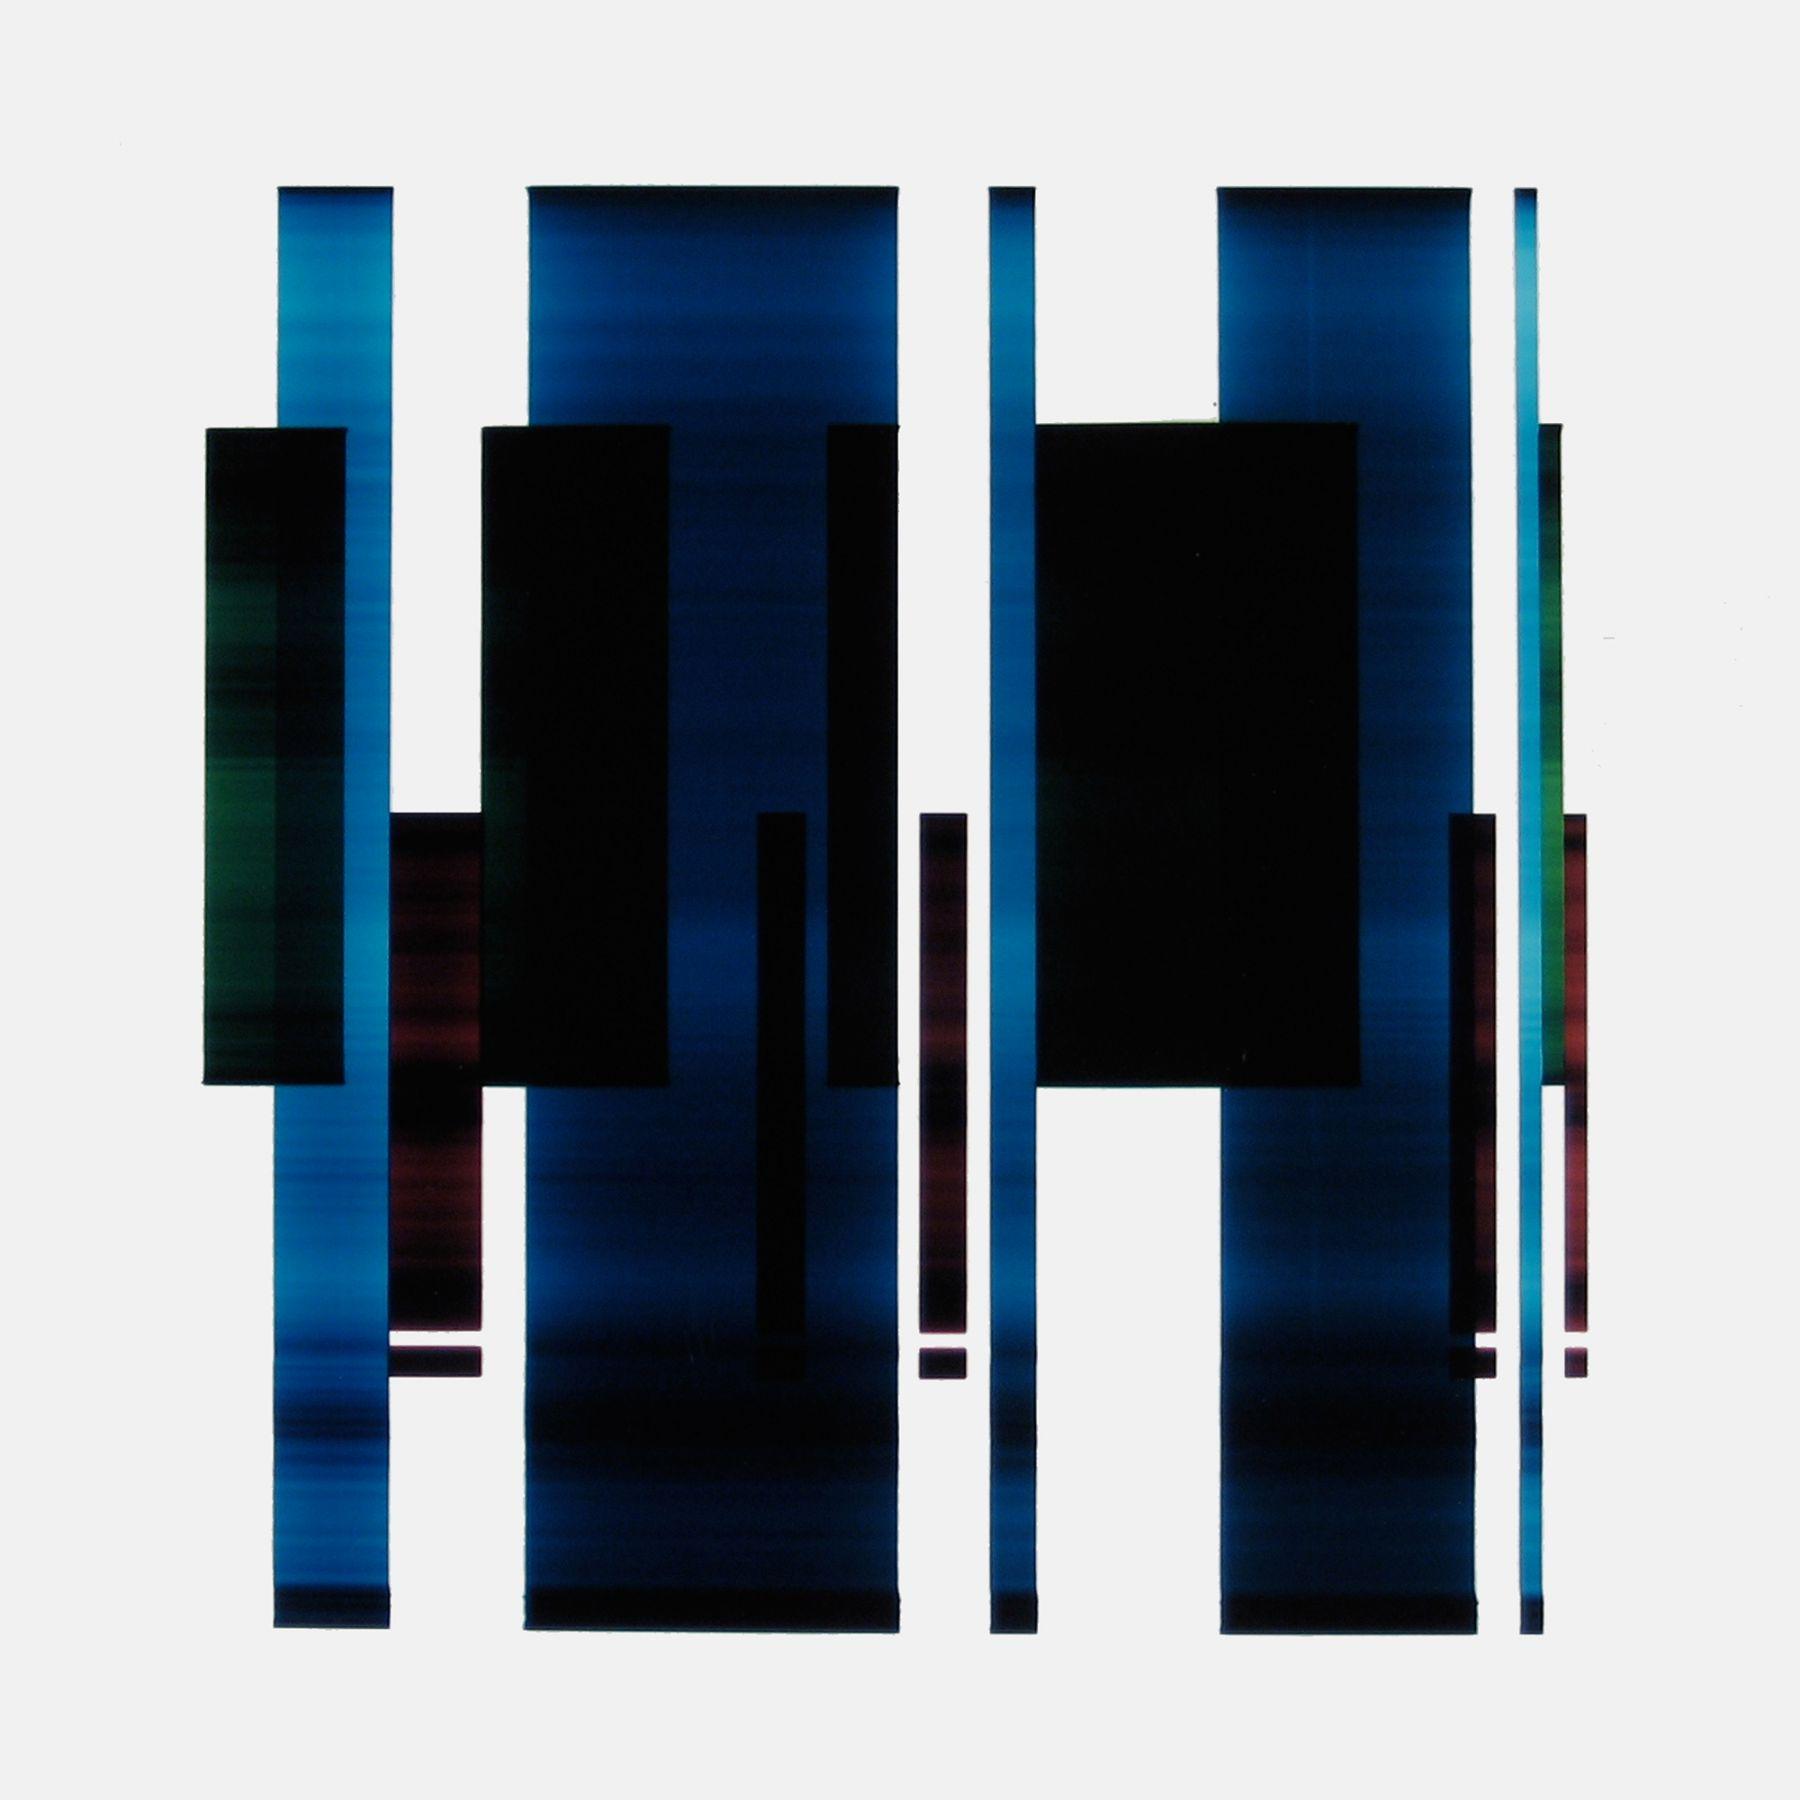 Karl Martin Holzhäuser, Lichtmalerei 60.11.2004, 2004